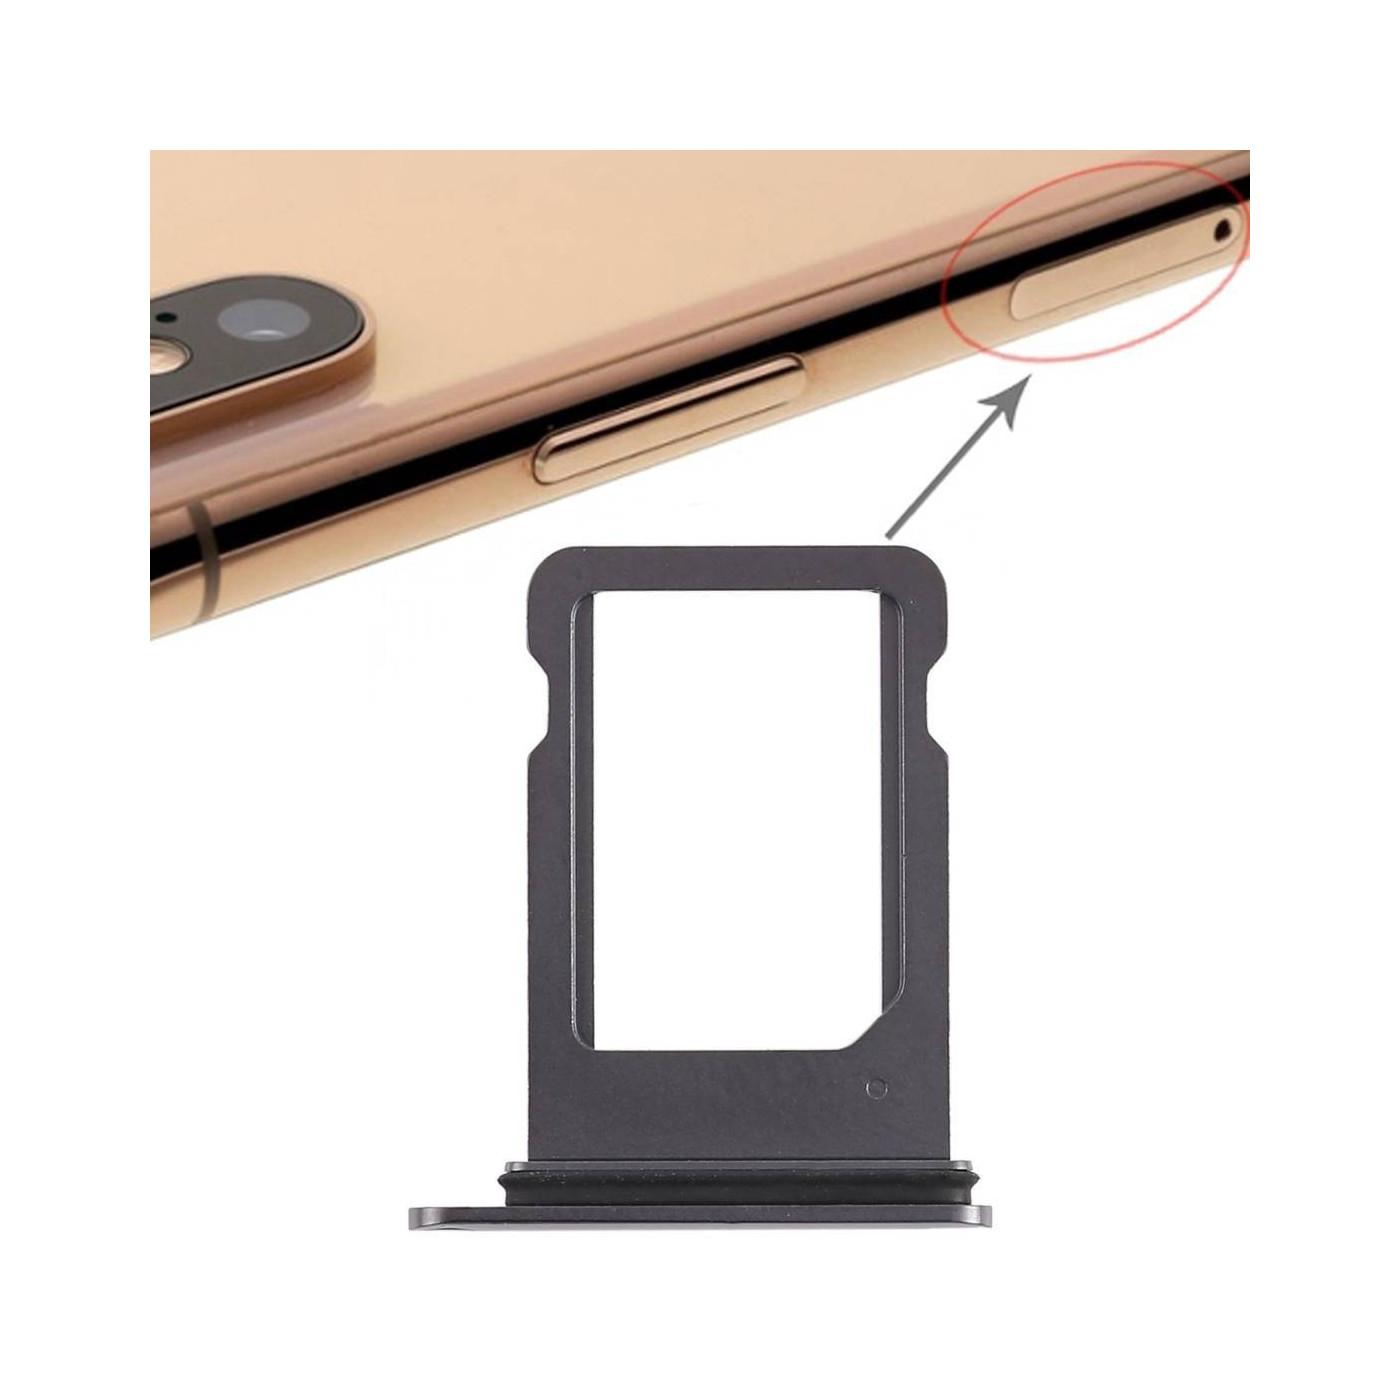 PORT Apple iPhone SIM CARD SLOT XS NOIR CHAUSSURE REMPLACEMENT DE PLATEAU DE CHARIOT